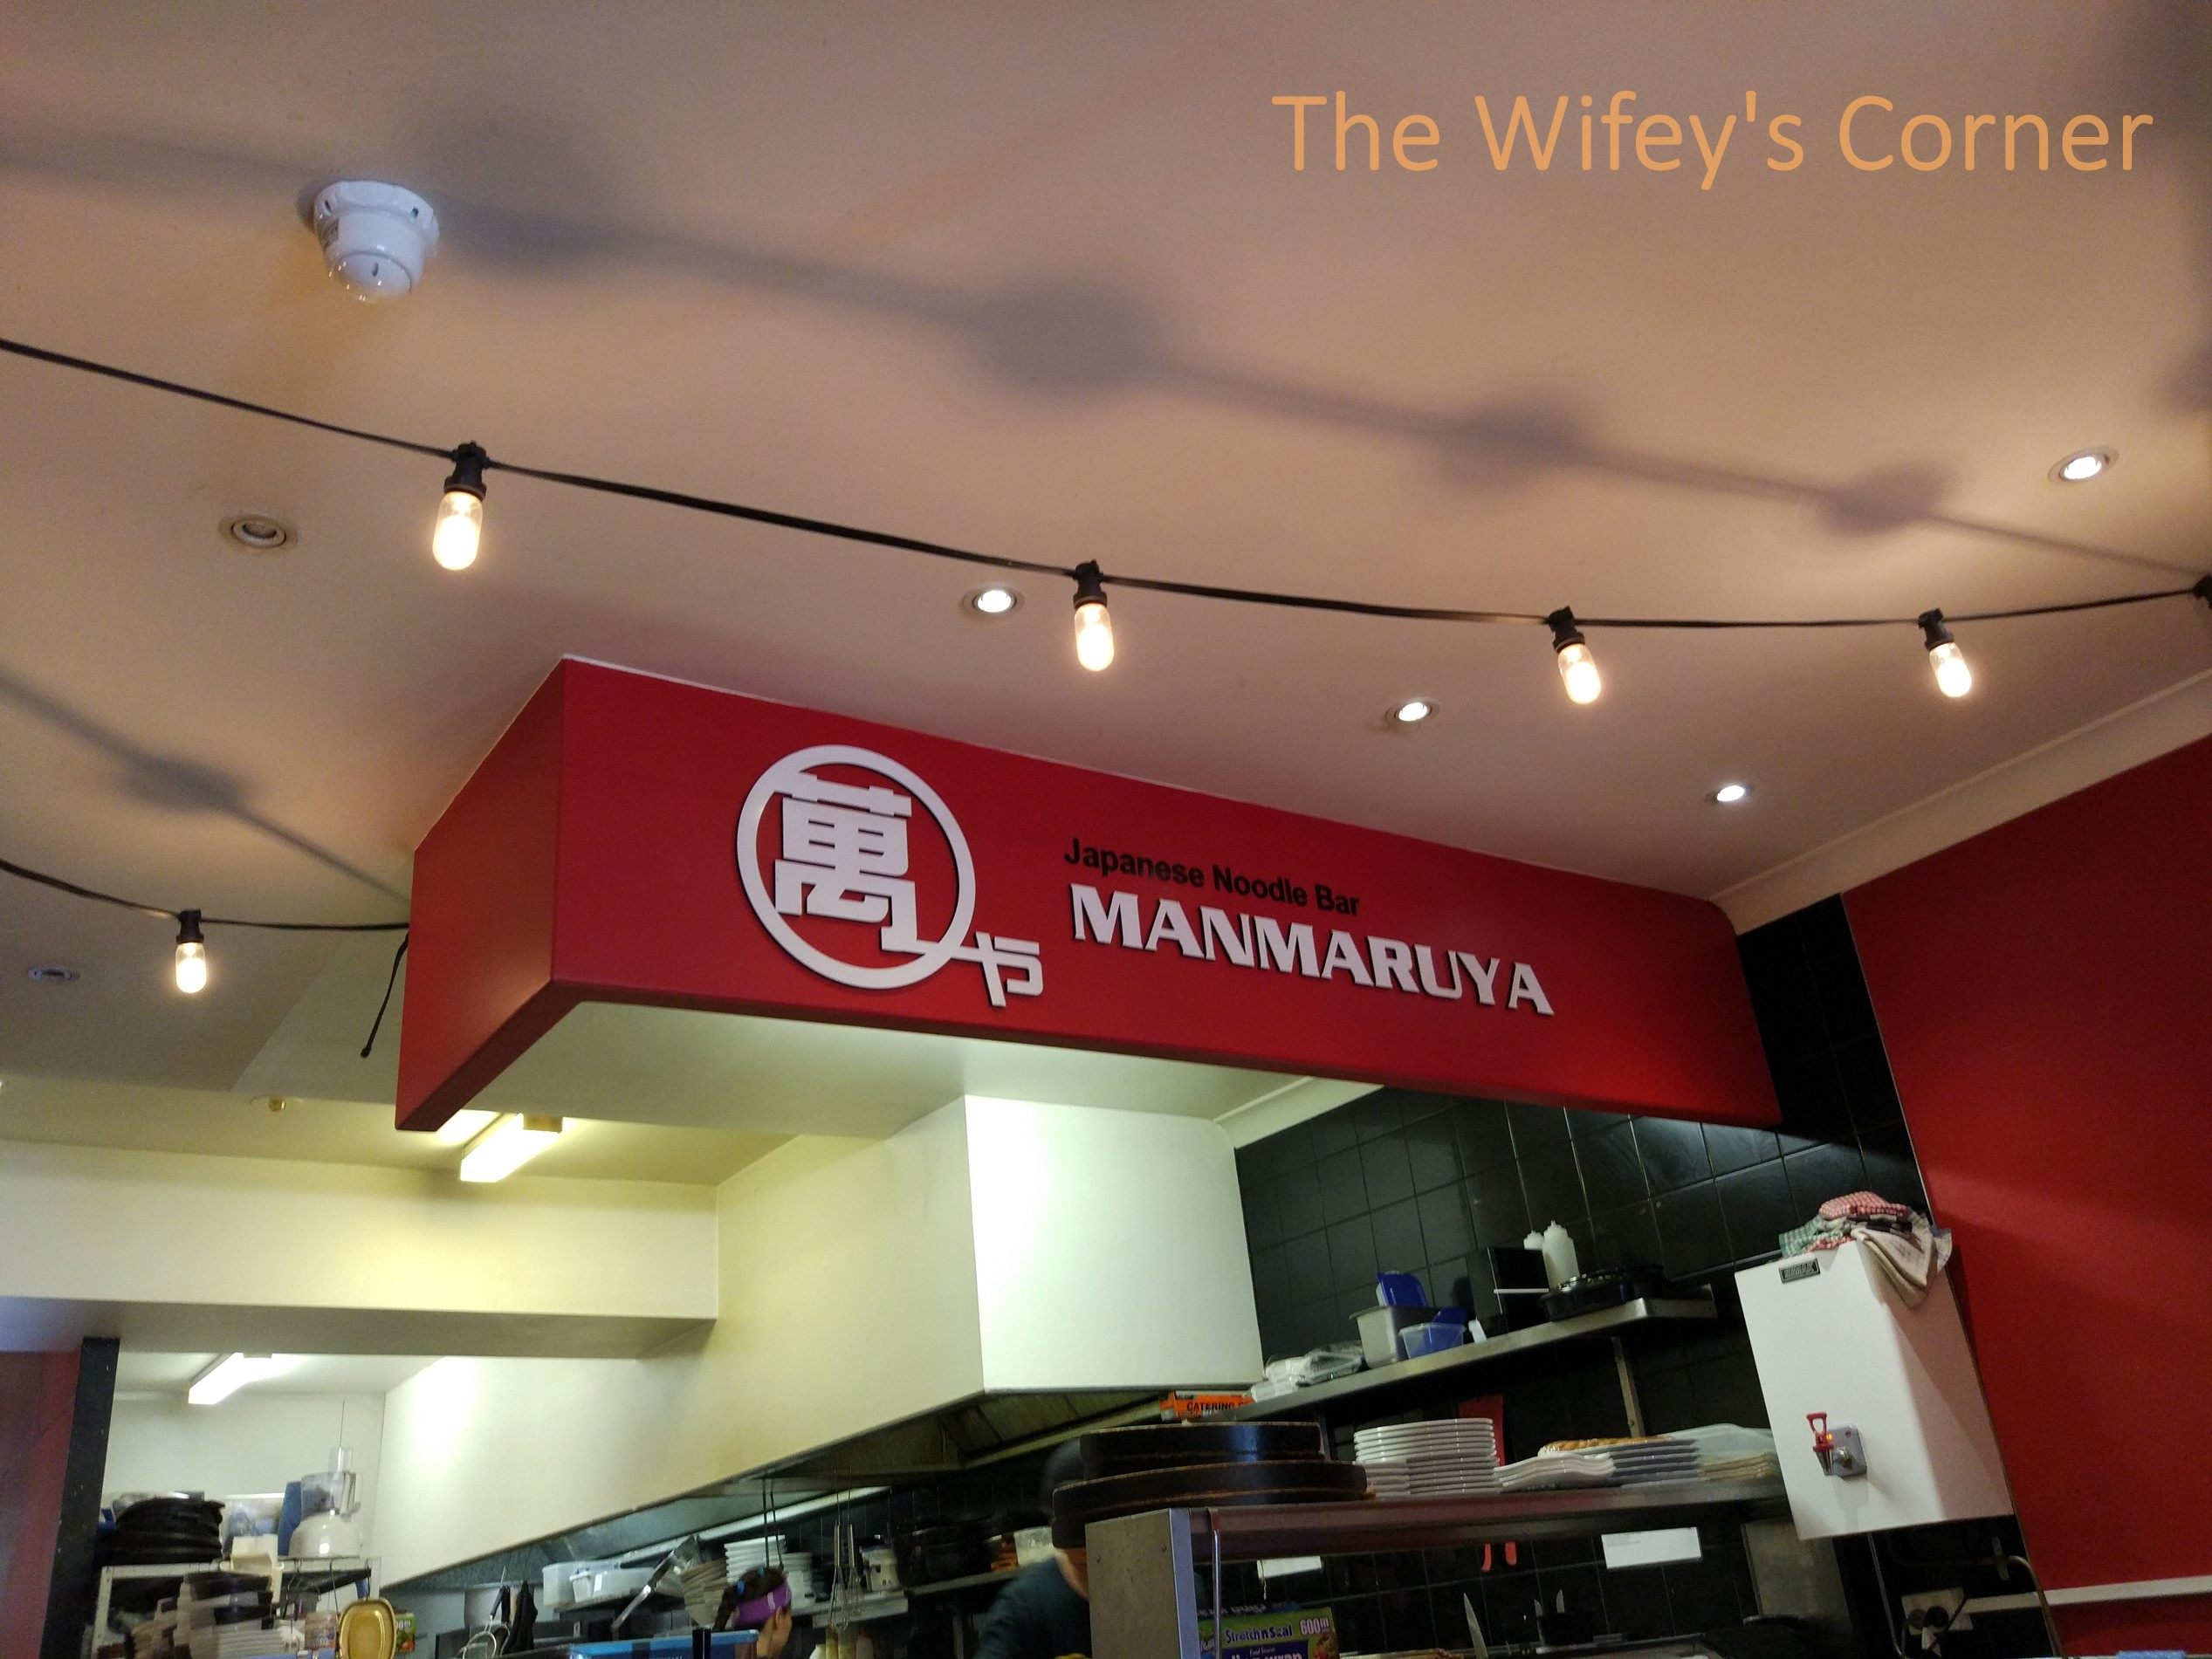 Manmaruya, Ashfield